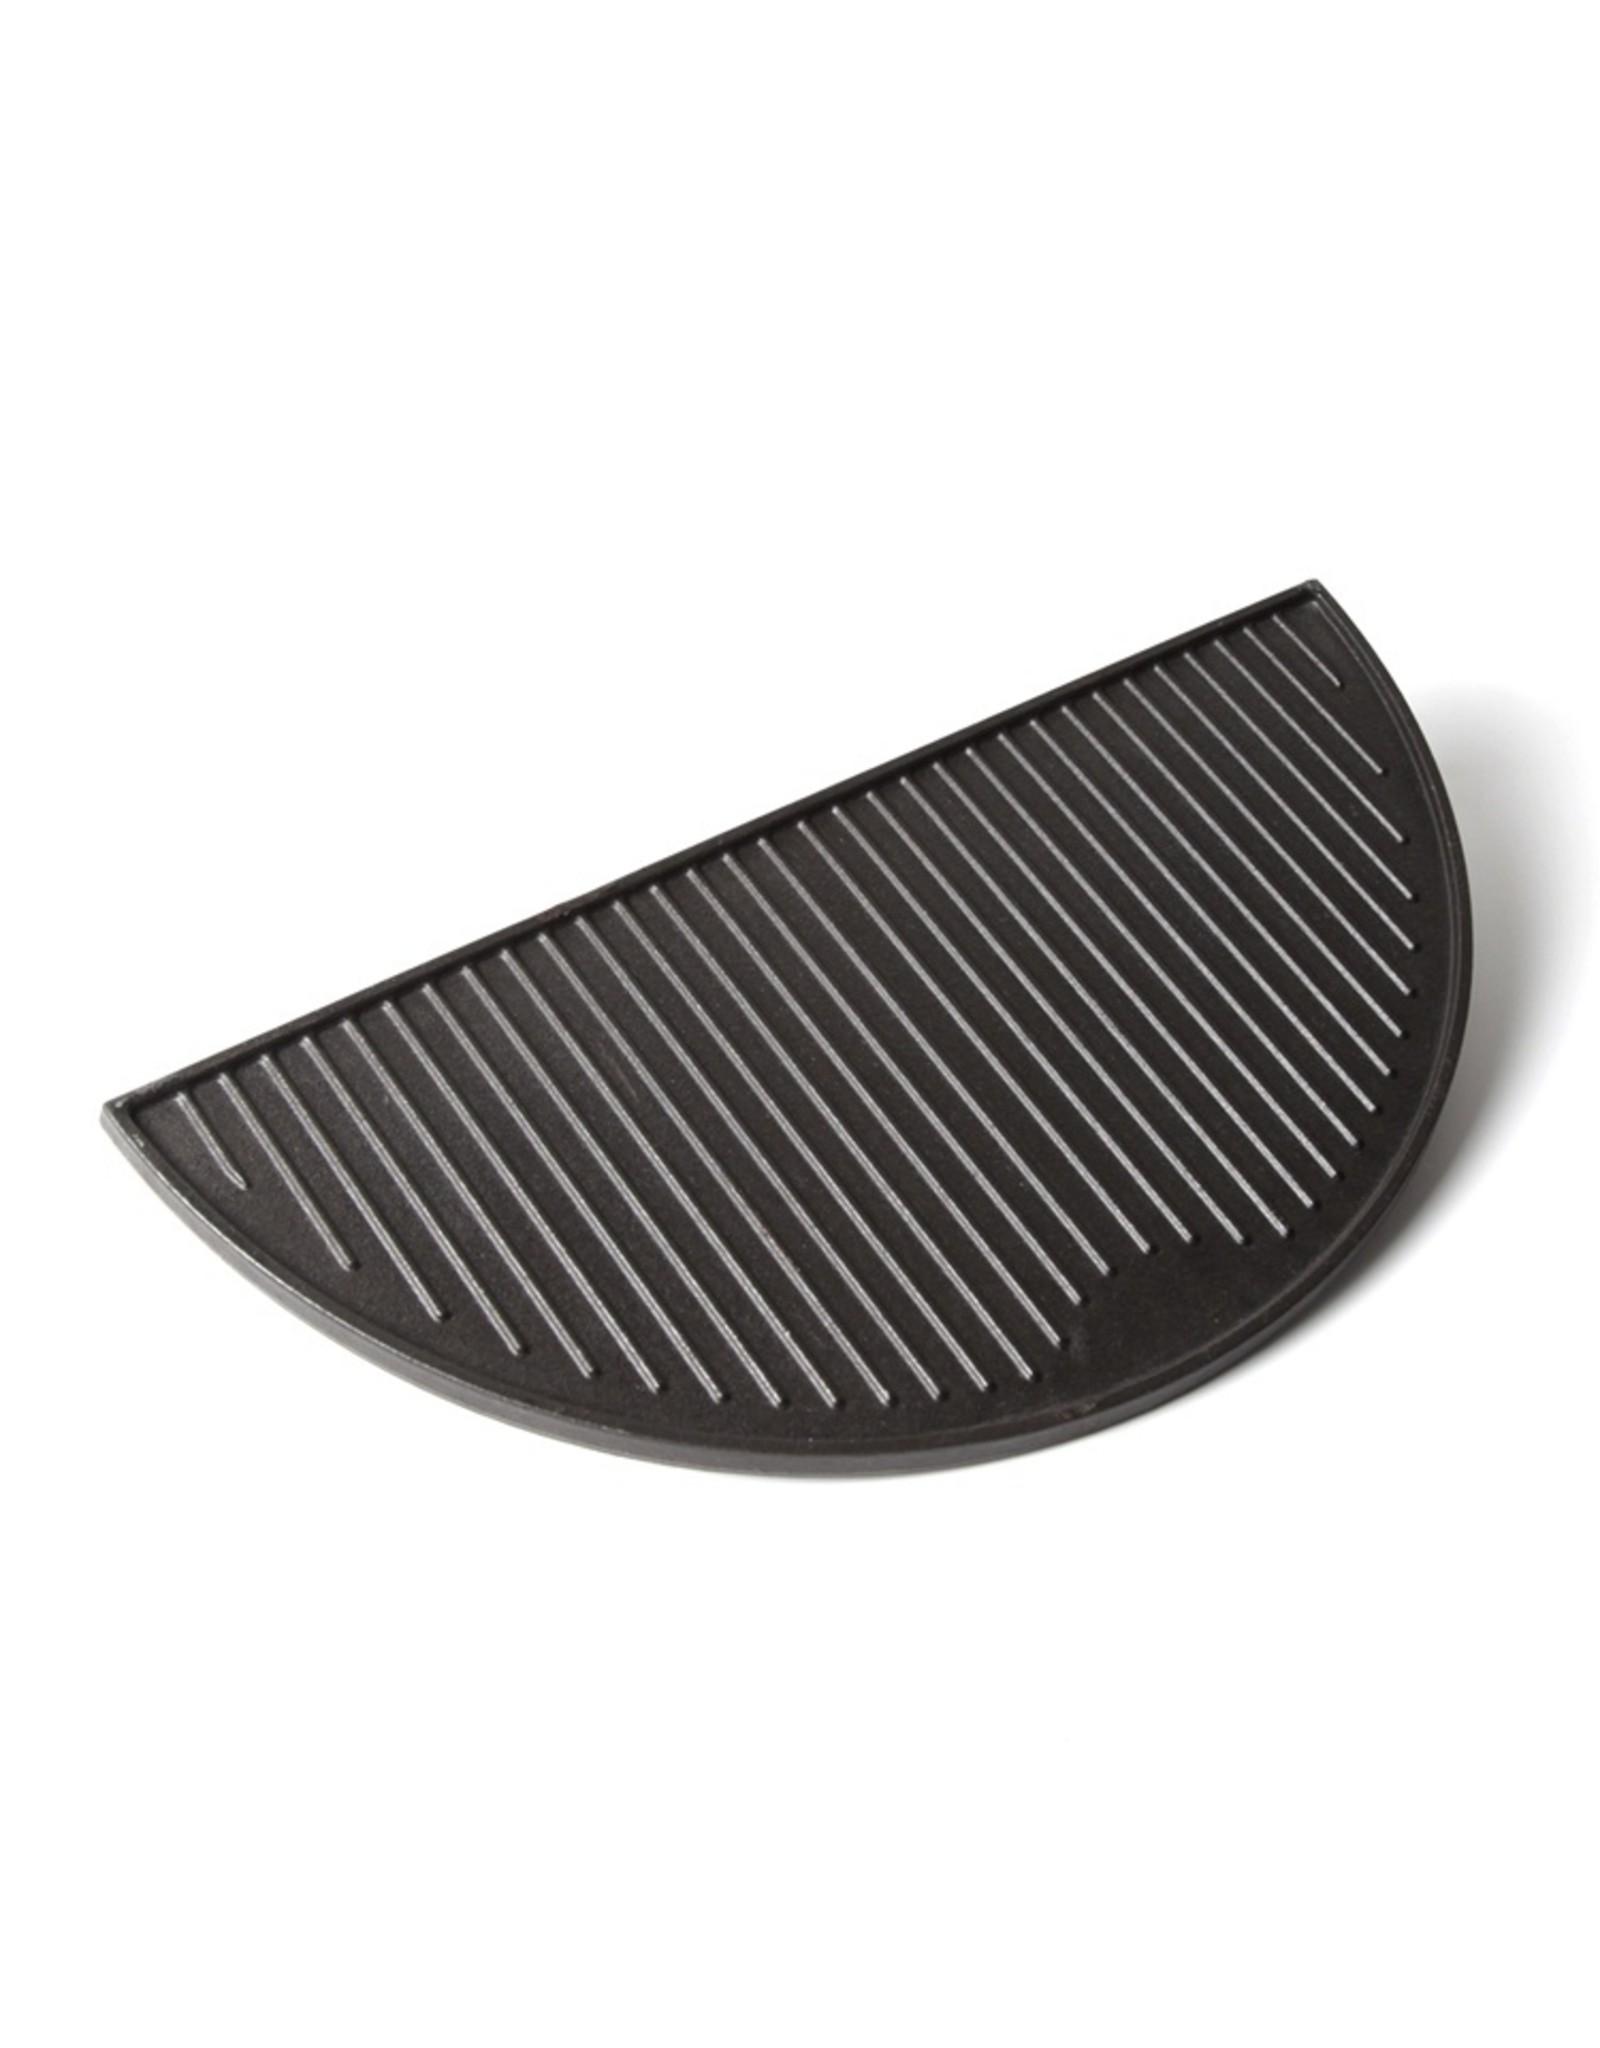 Keij Kamado® Gietijzeren grillplaat, half rond - Large (46,5 cm)